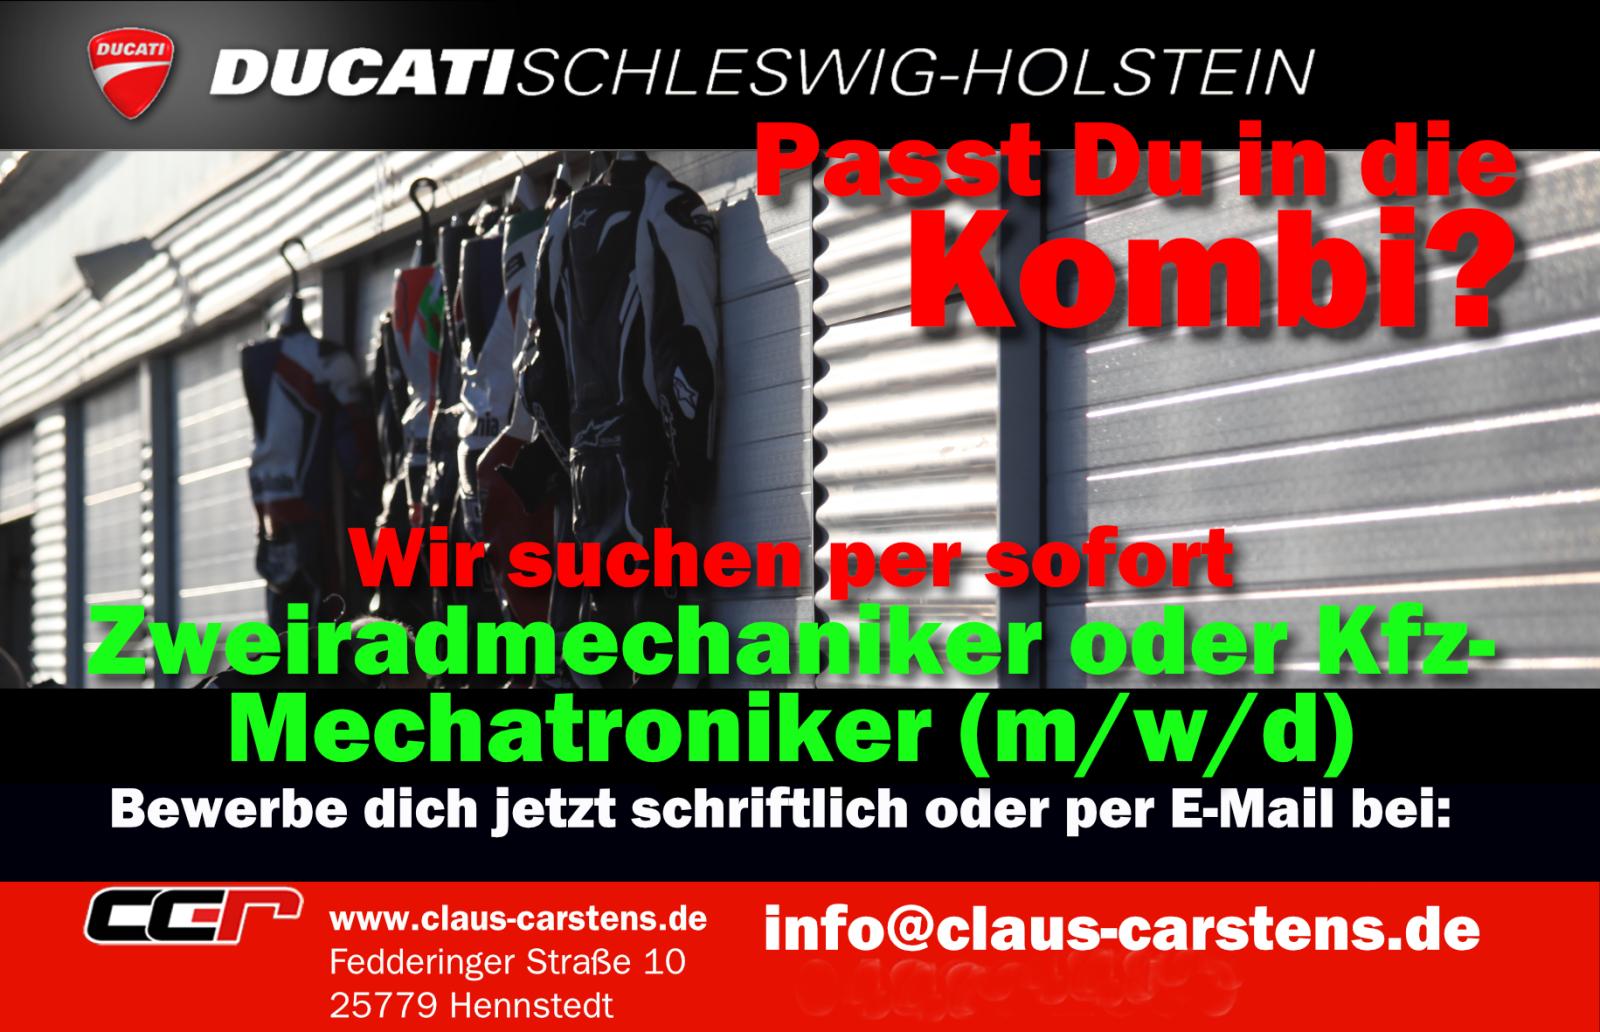 Stellenanzeige Ducati Schleswig-Holstein